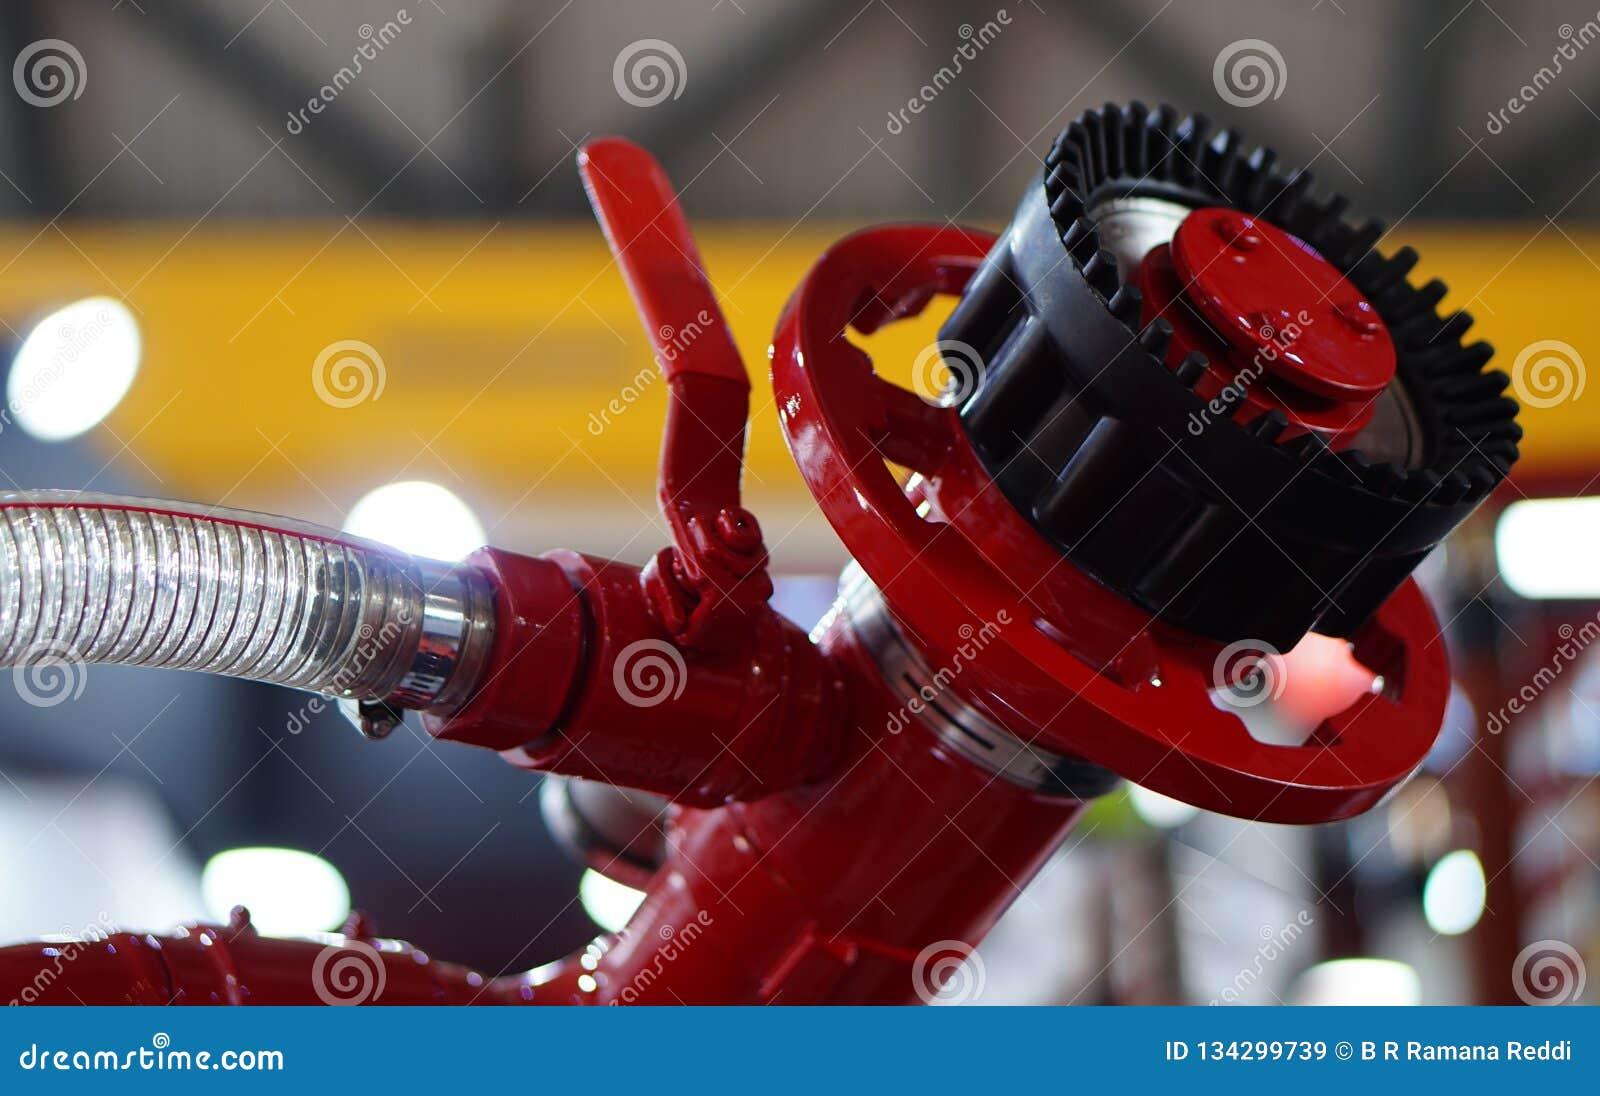 Vue de valve d équipement de lutte anti-incendie dans une industrie